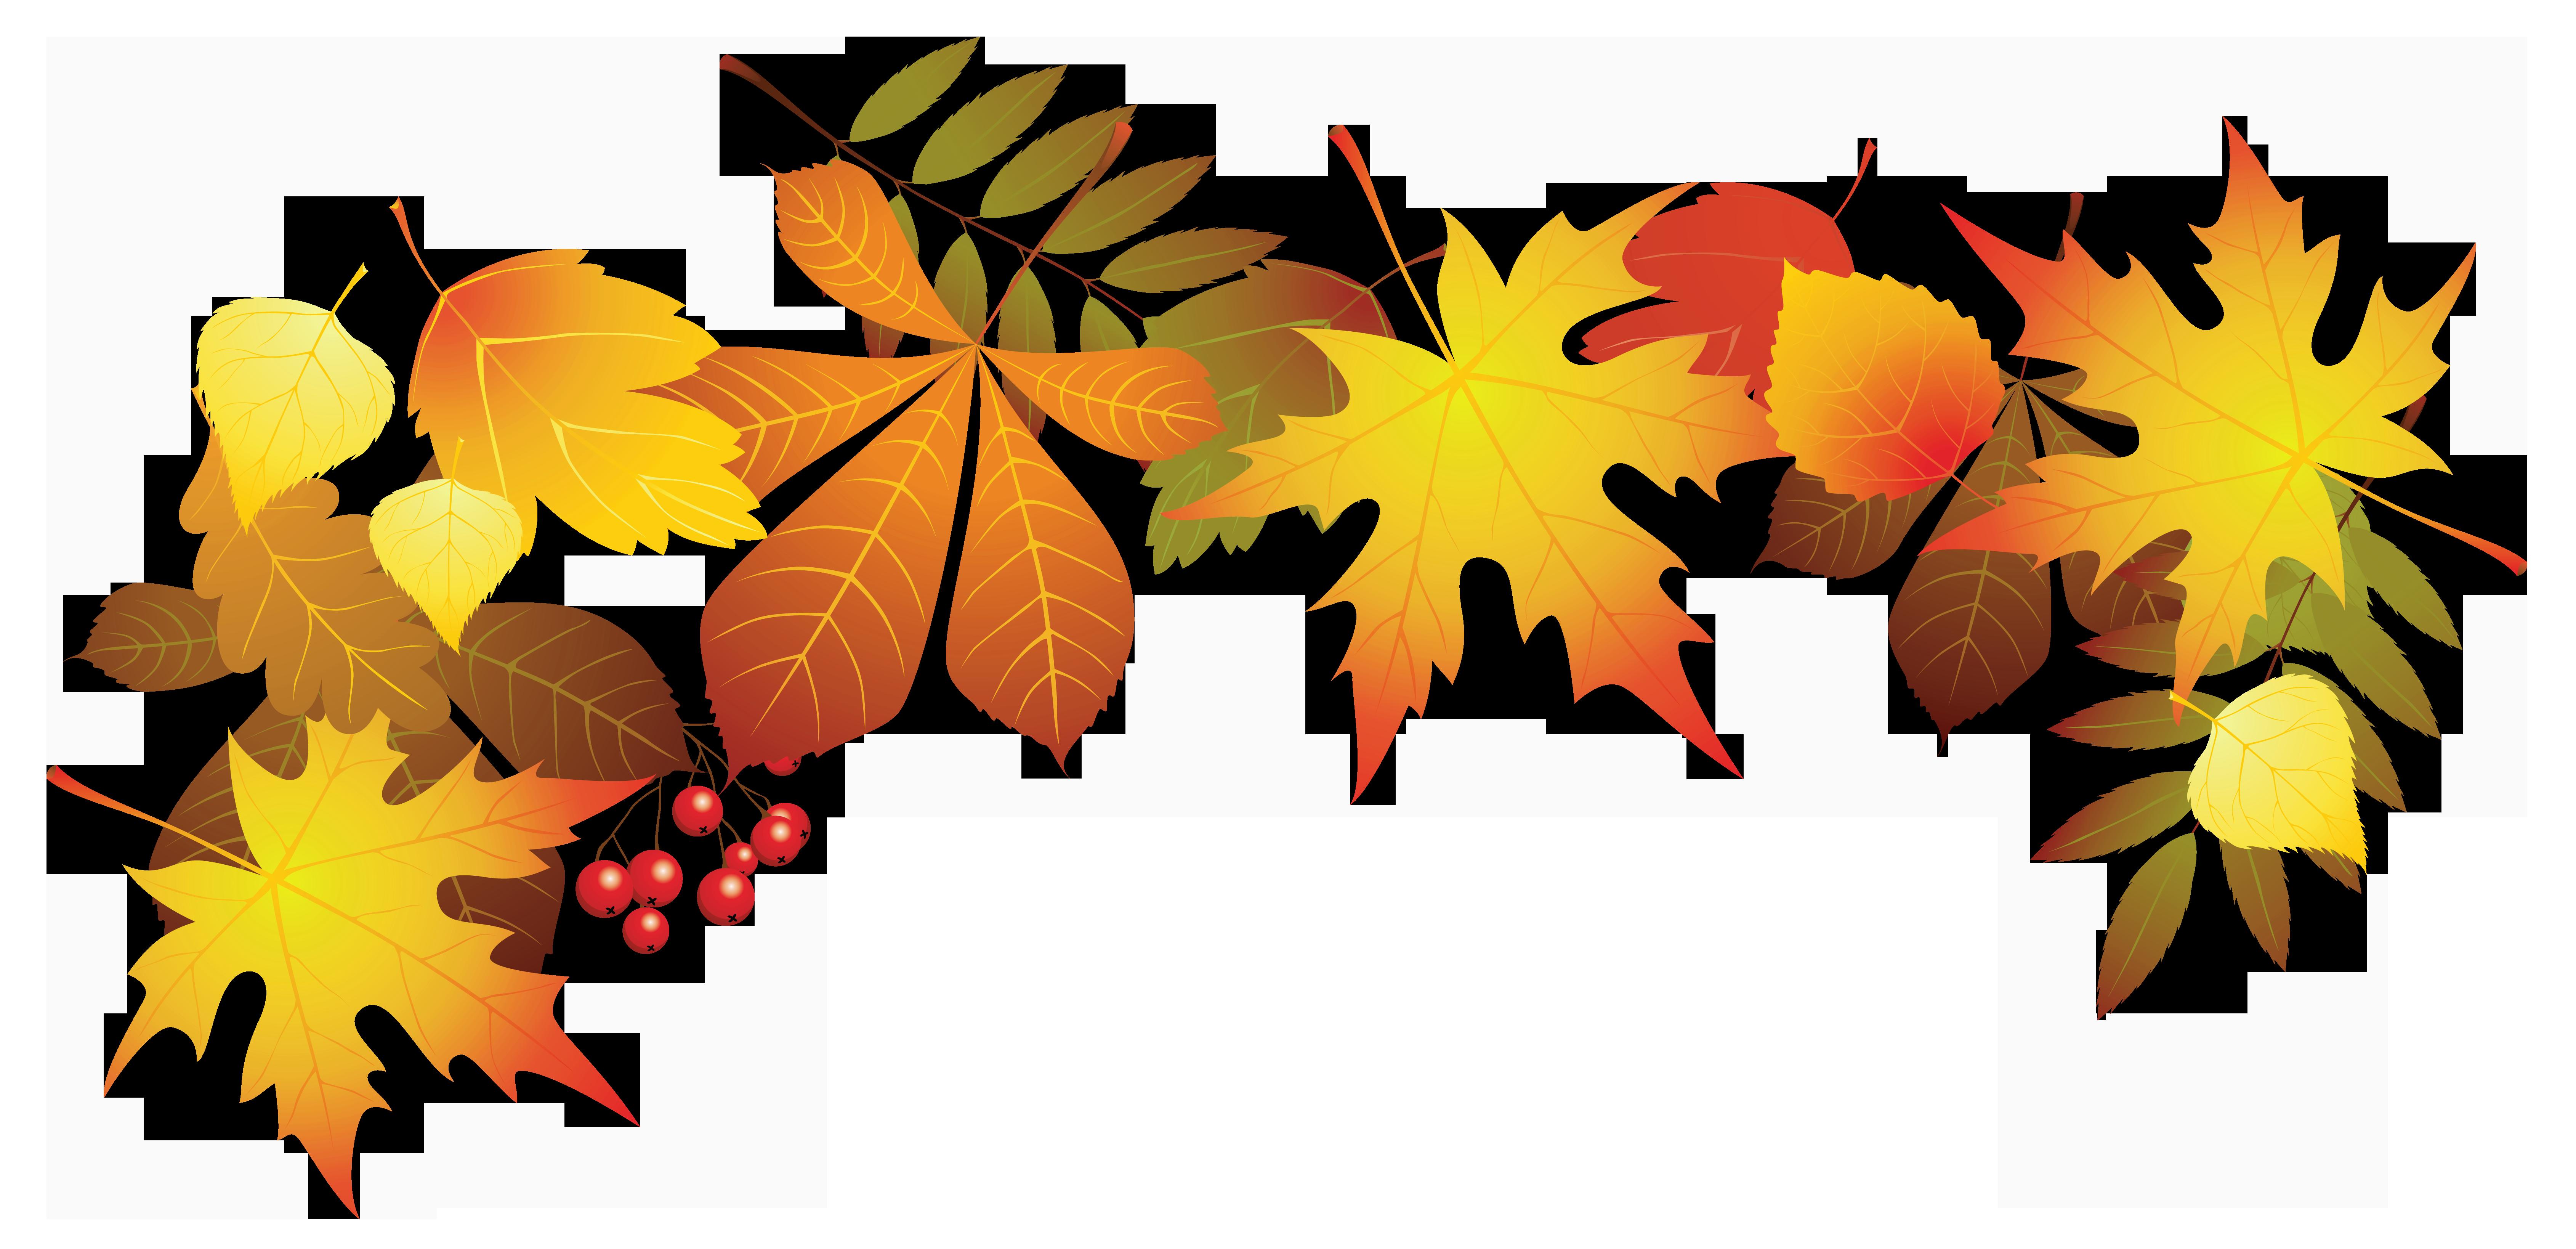 Transparent leaves decoration png. Scrapbook clipart autumn